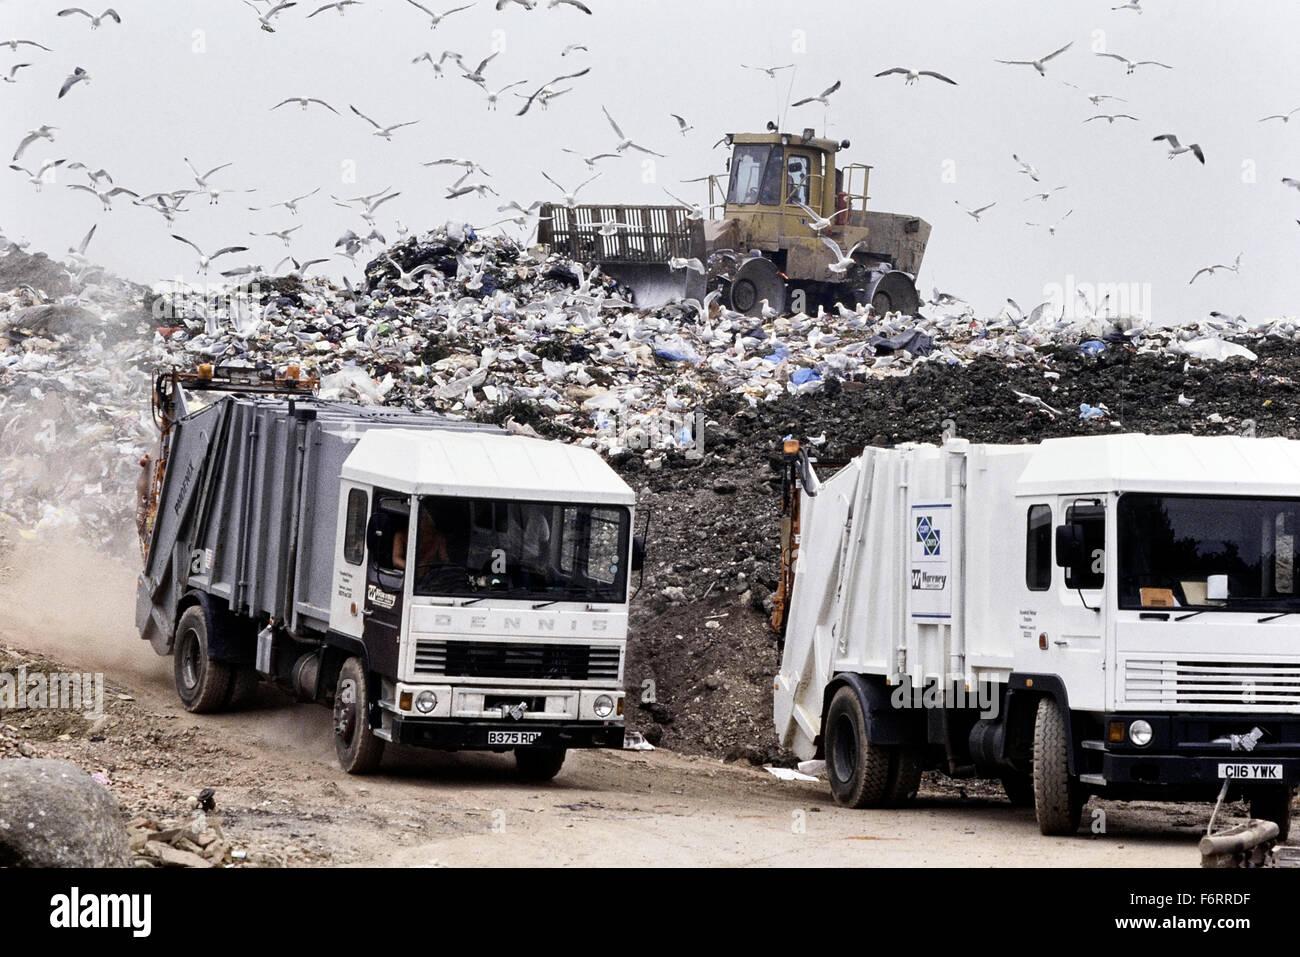 Landfill waste disposal site. UK - Stock Image